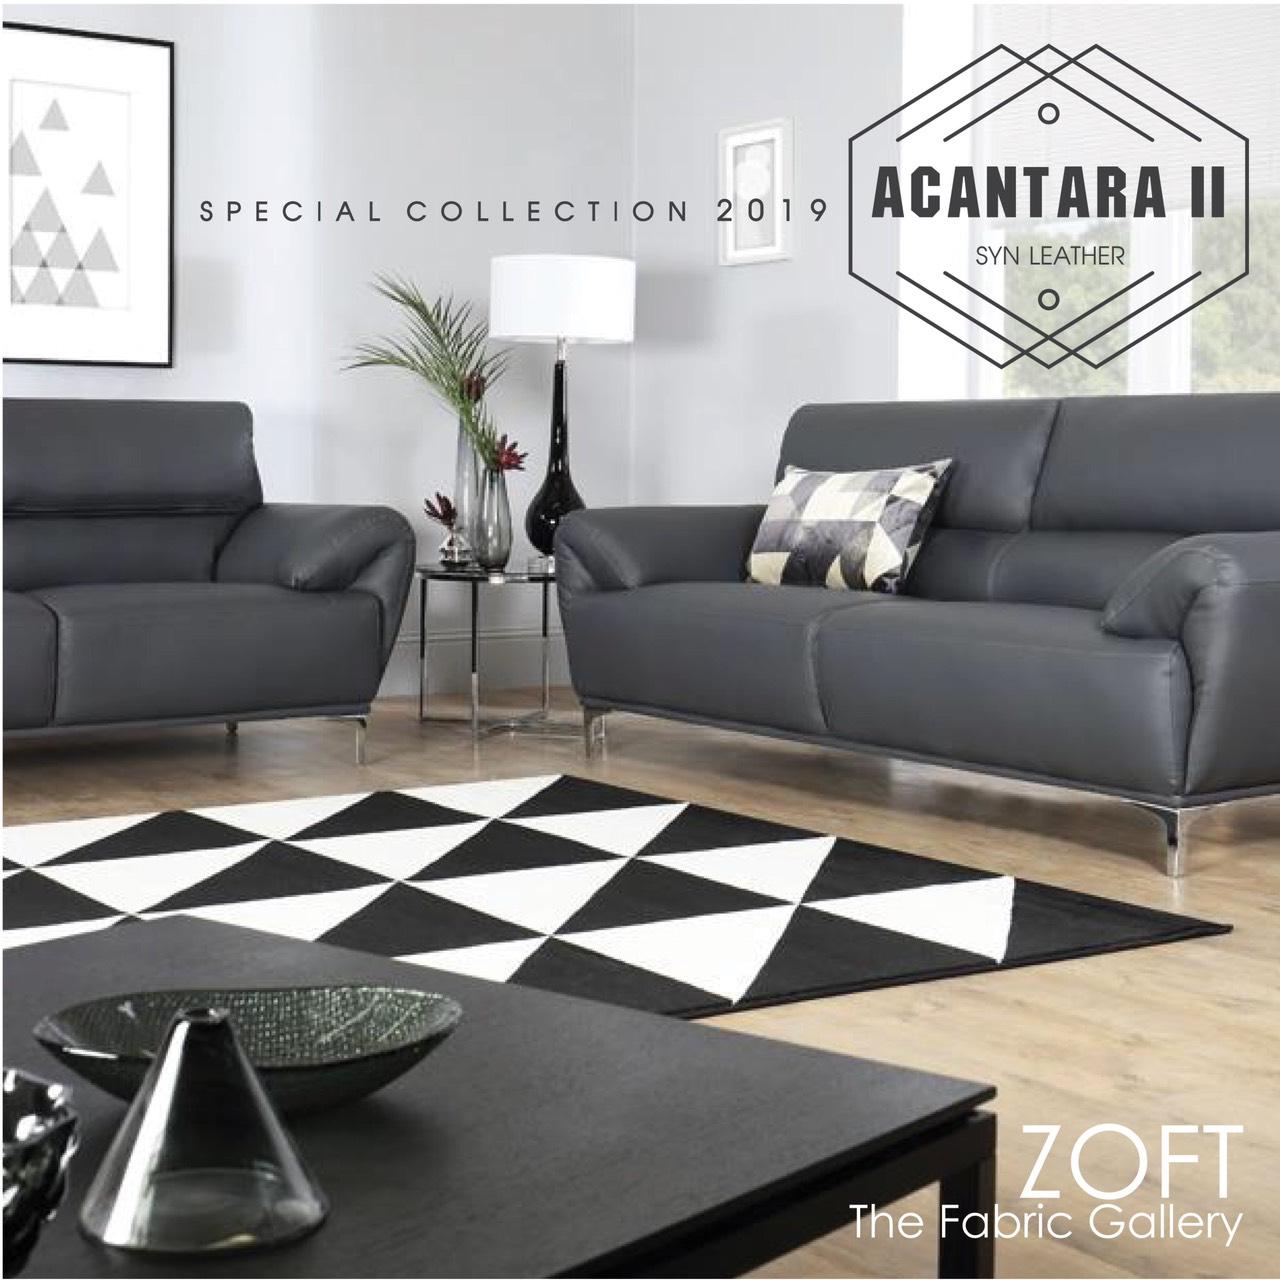 ผ้าบุเฟอร์นิเจอร์หนังสังเคราะห์ ZOFT - Acantara Collection - Cover